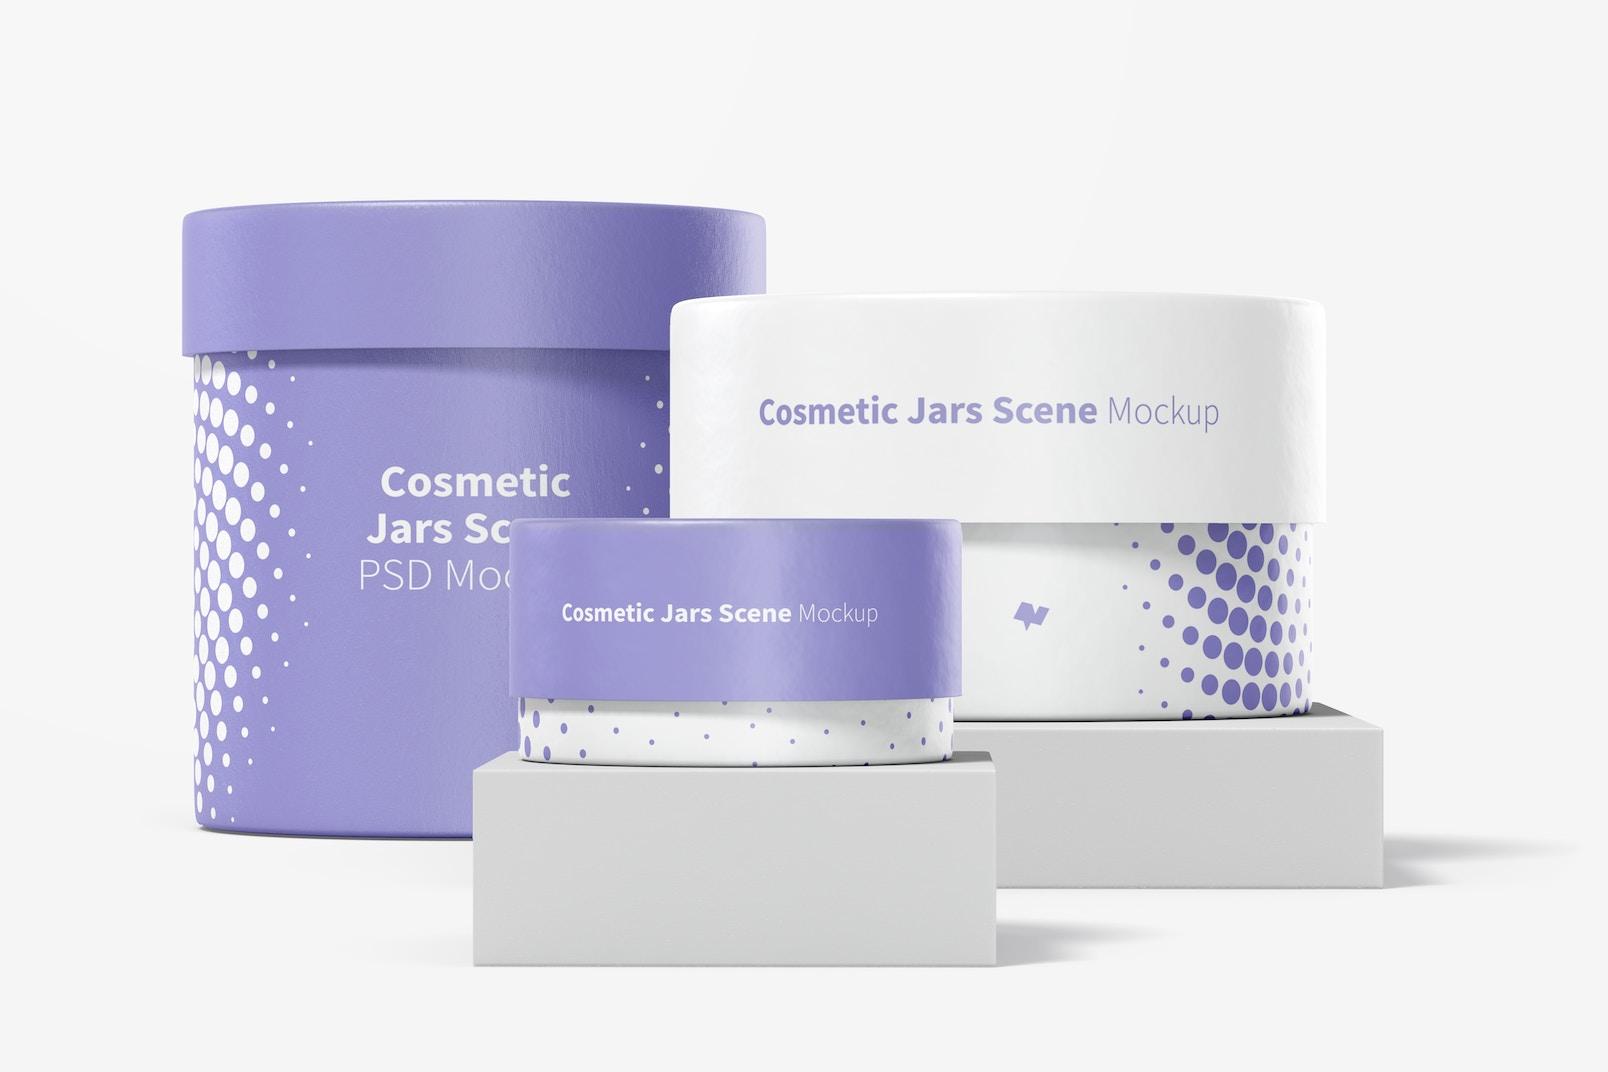 Cosmetic Jars Scene Mockup 03